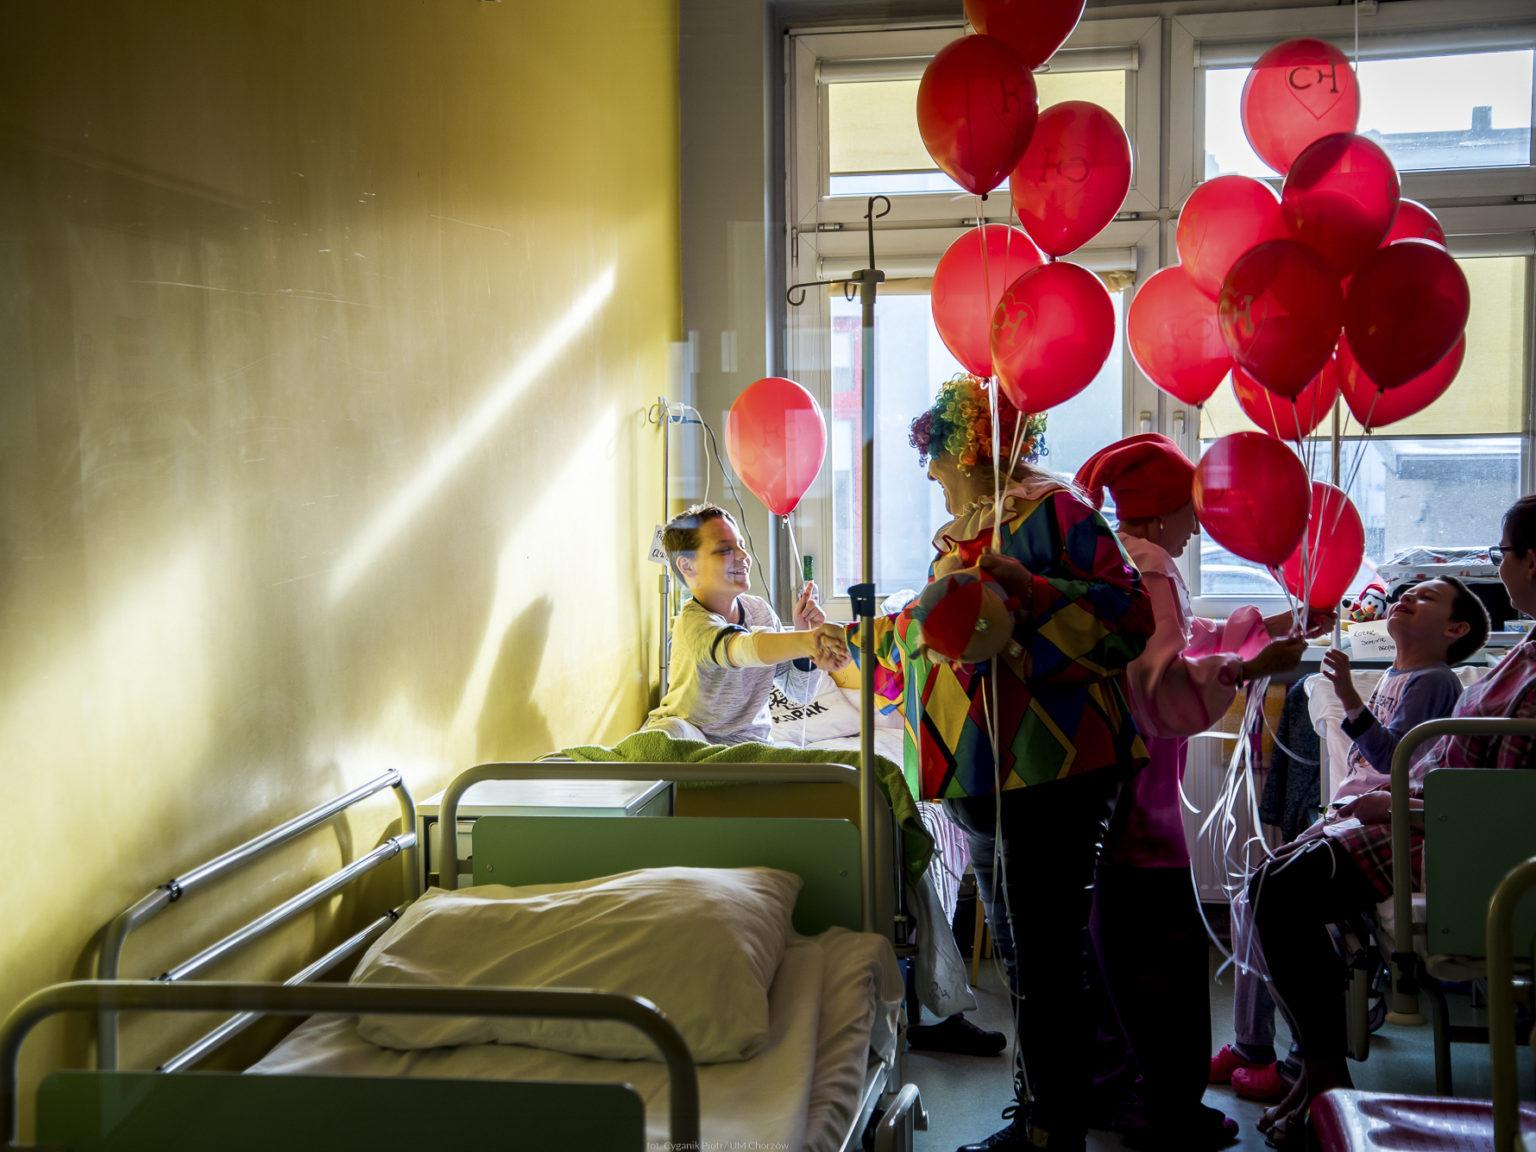 Zdjęcie przedstawiające seniorki w strojach klauna wręczające balony dzieciom - pacjentom szpitala